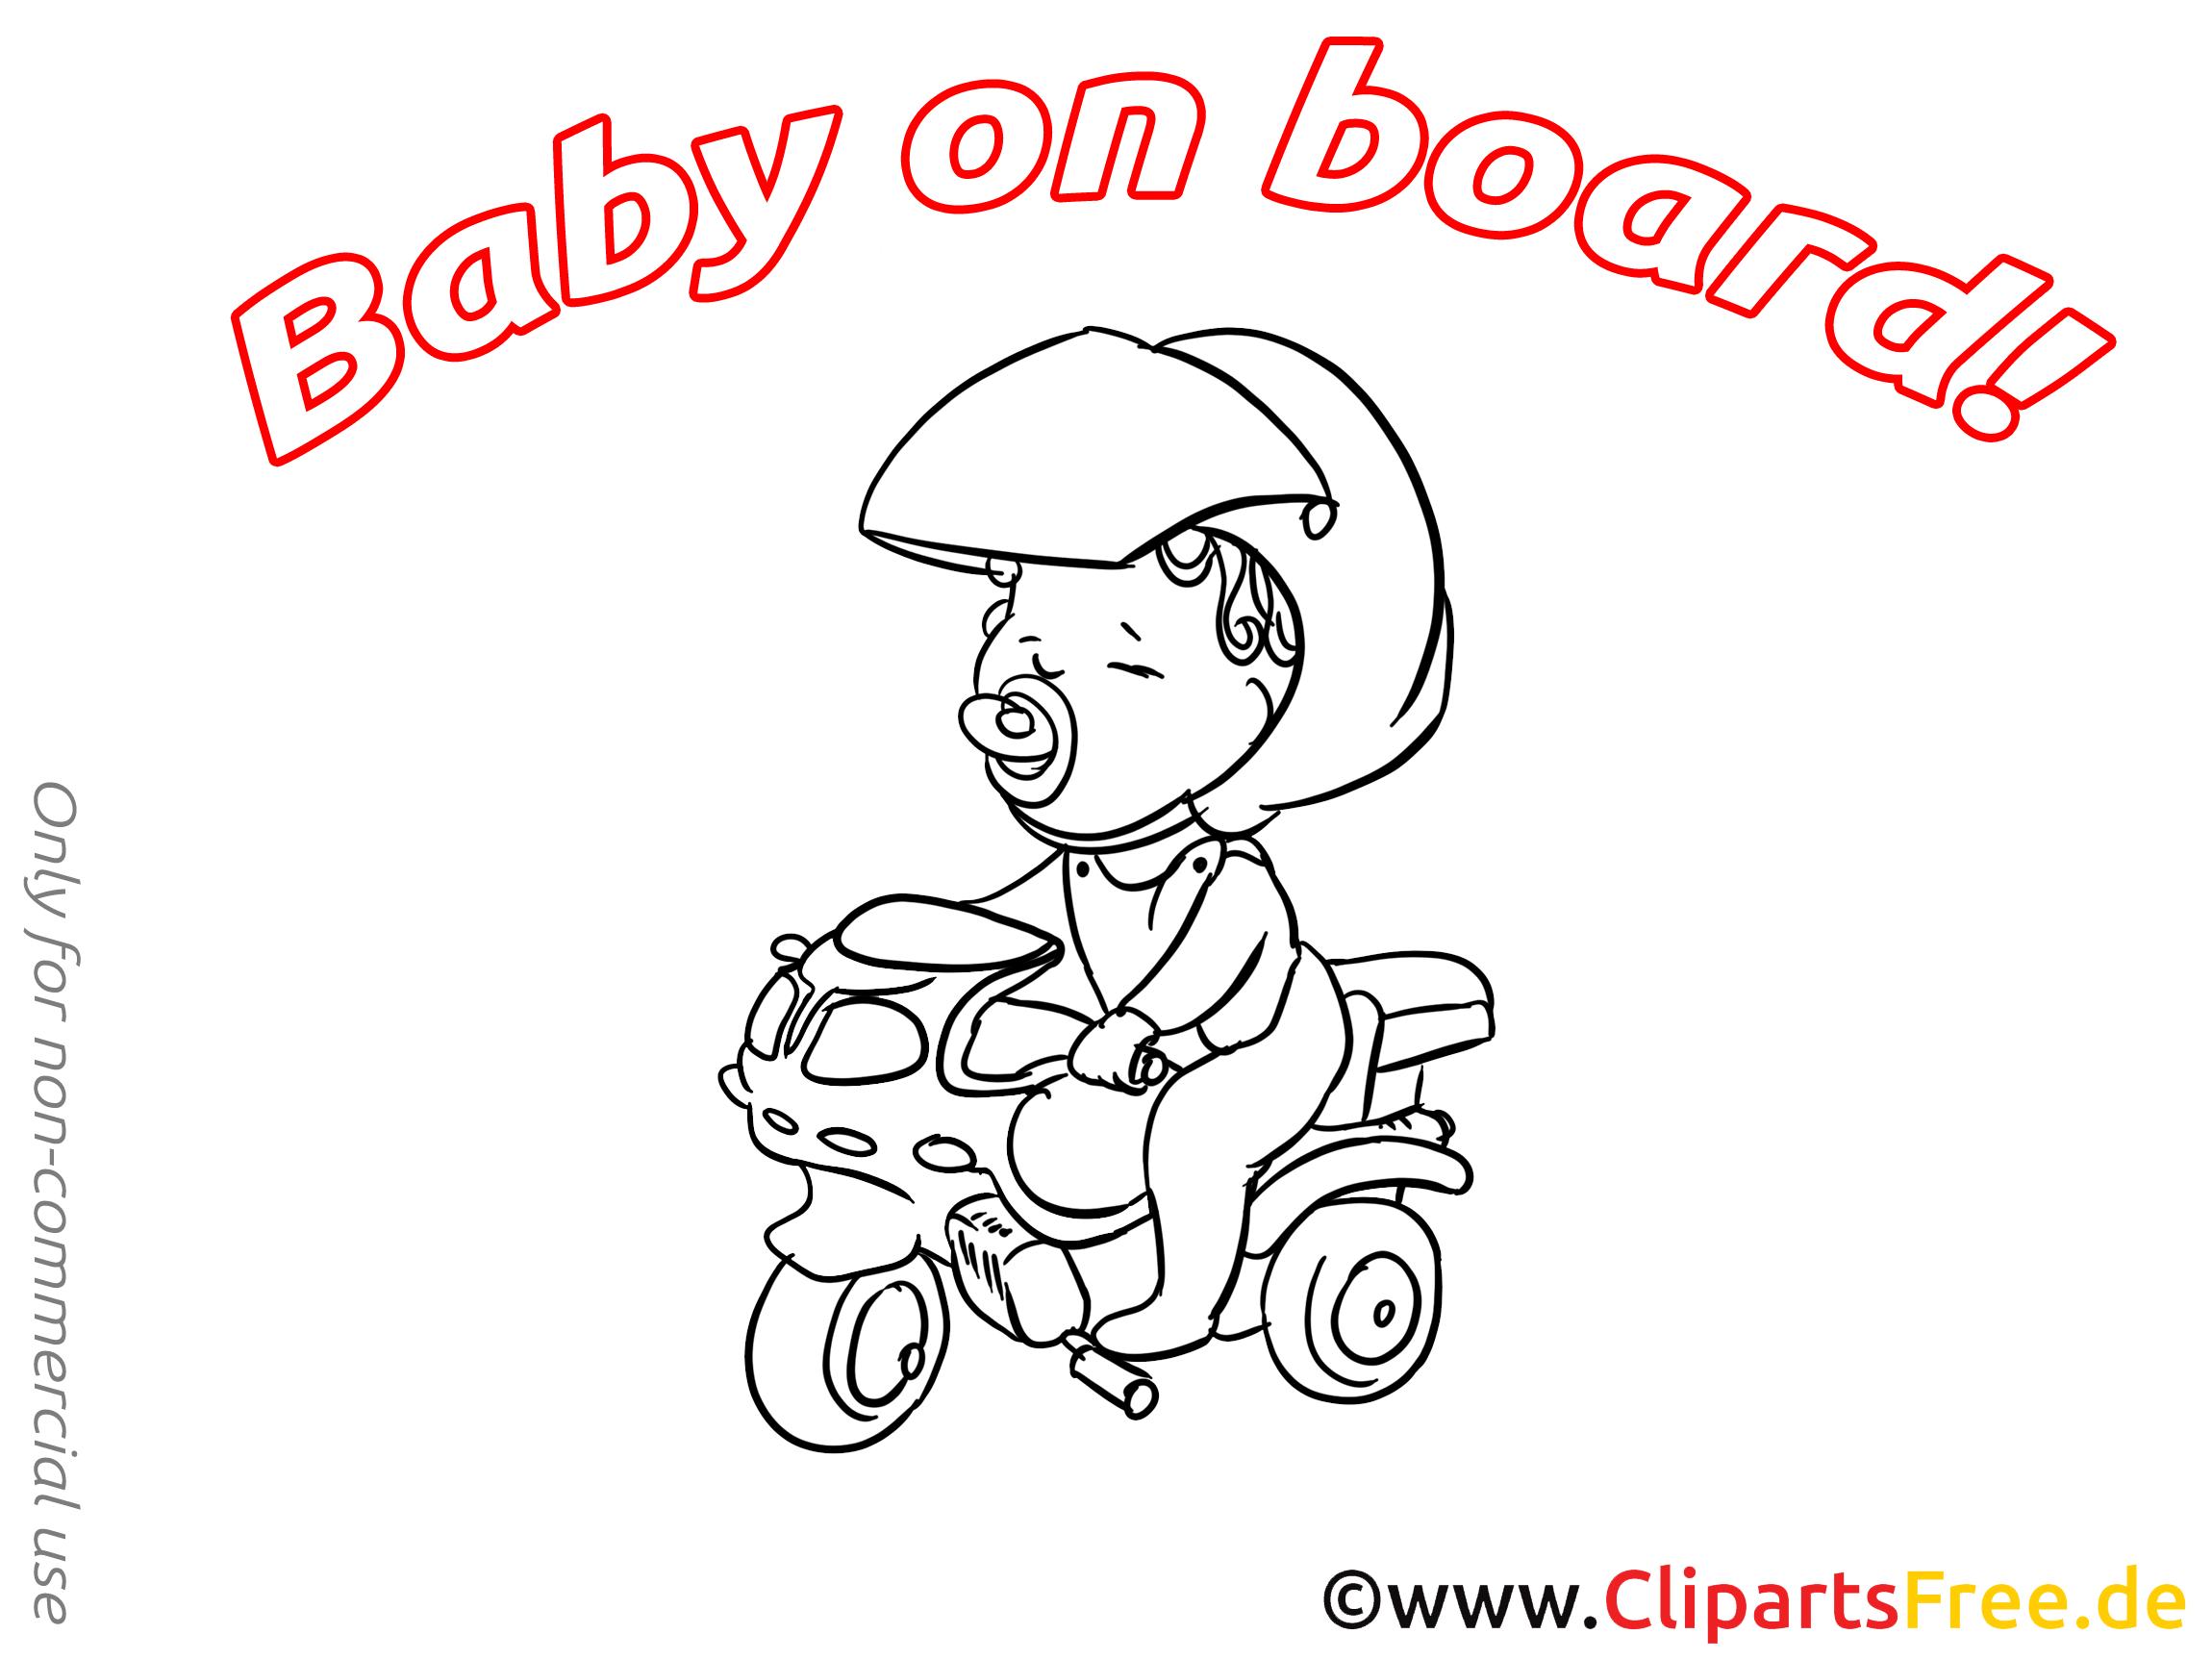 Motocyclette clip arts à colorier – Bébé à bord illustrations